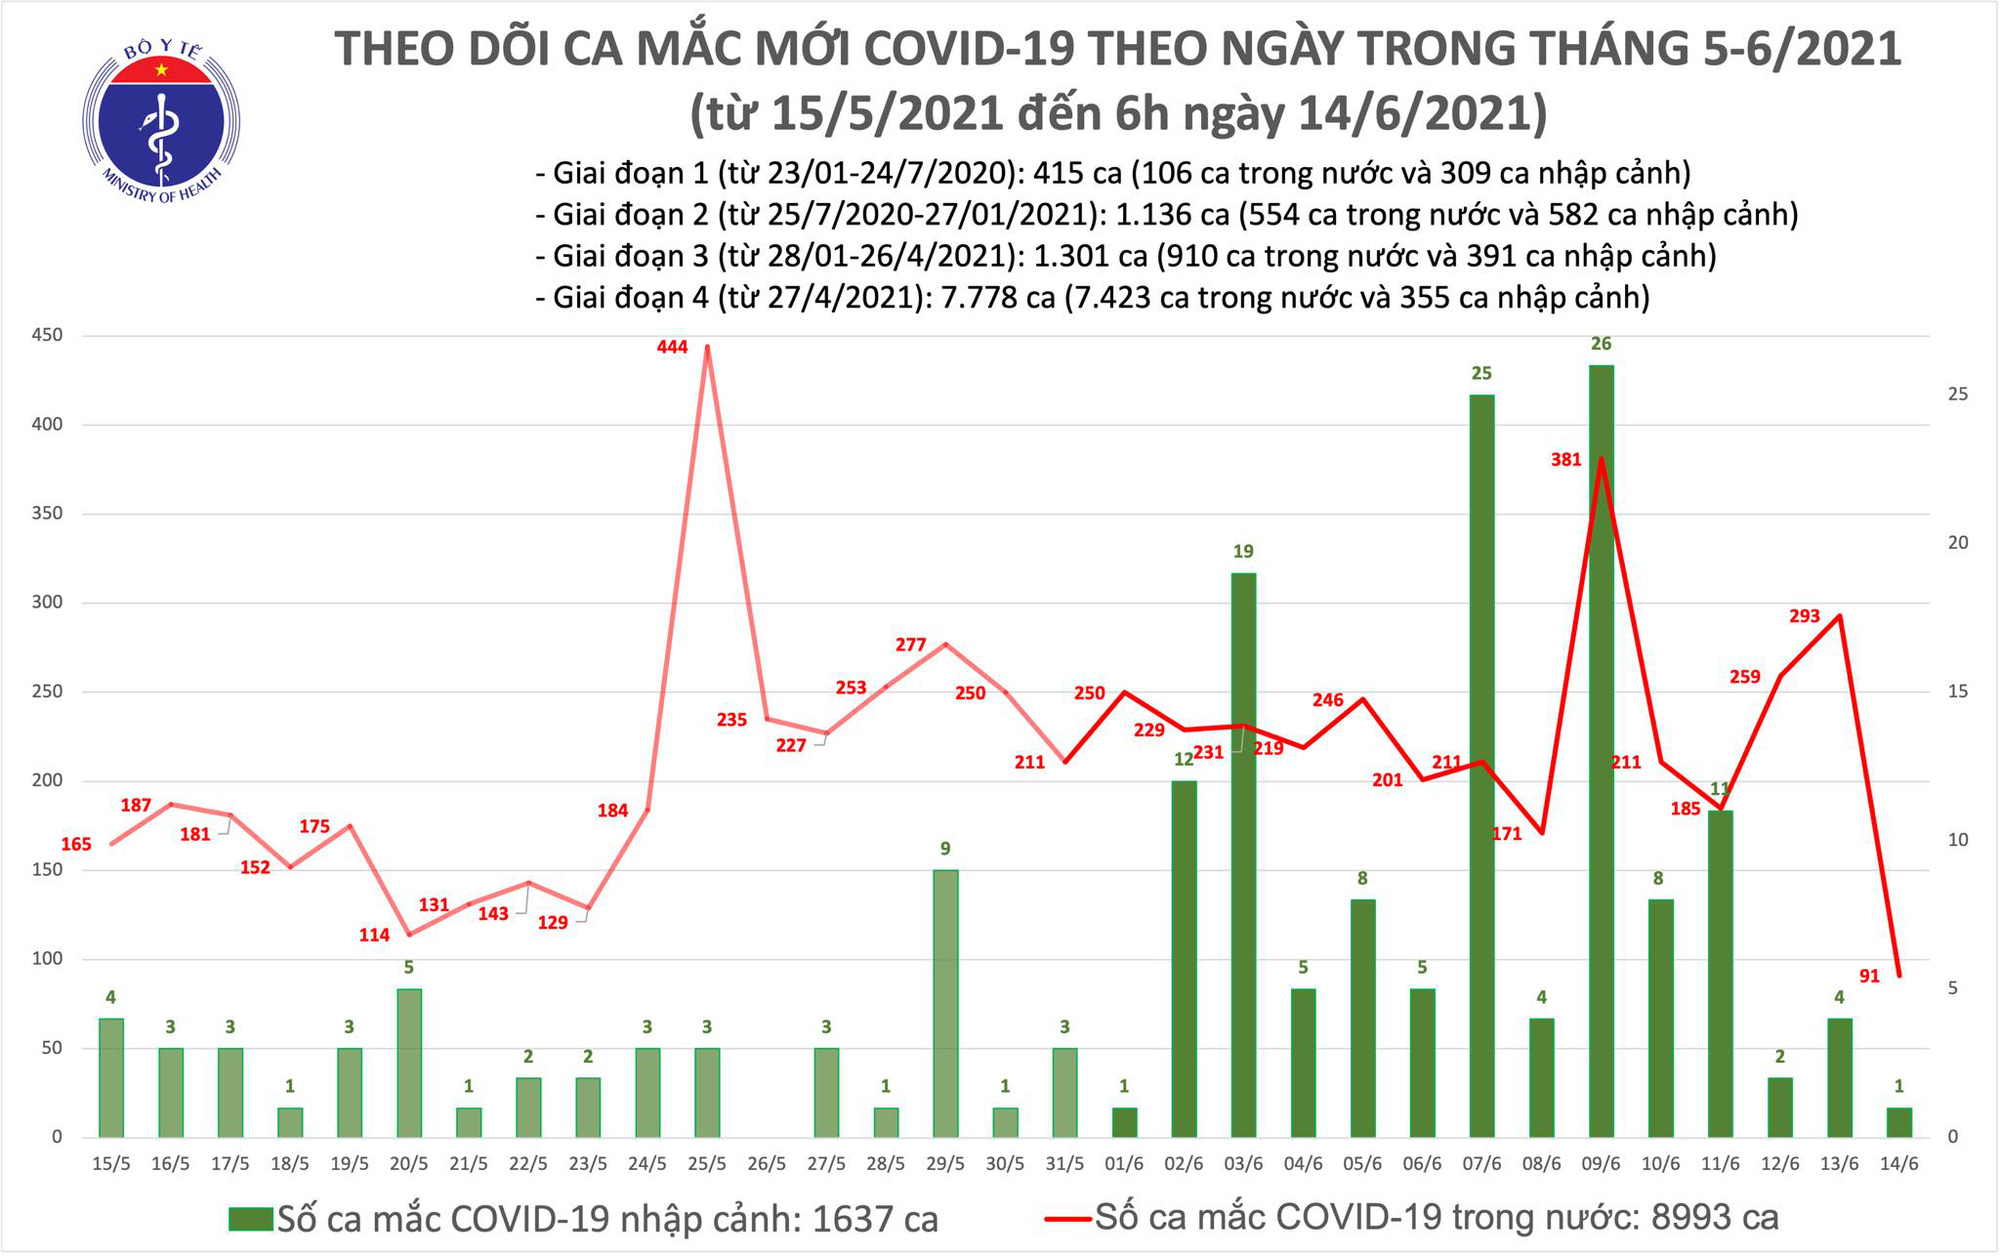 Sáng 14/6, thêm 92 ca COVID-19 tại 8 tỉnh thành, TP HCM nhiều nhất với 30 trường hợp - Ảnh 1.